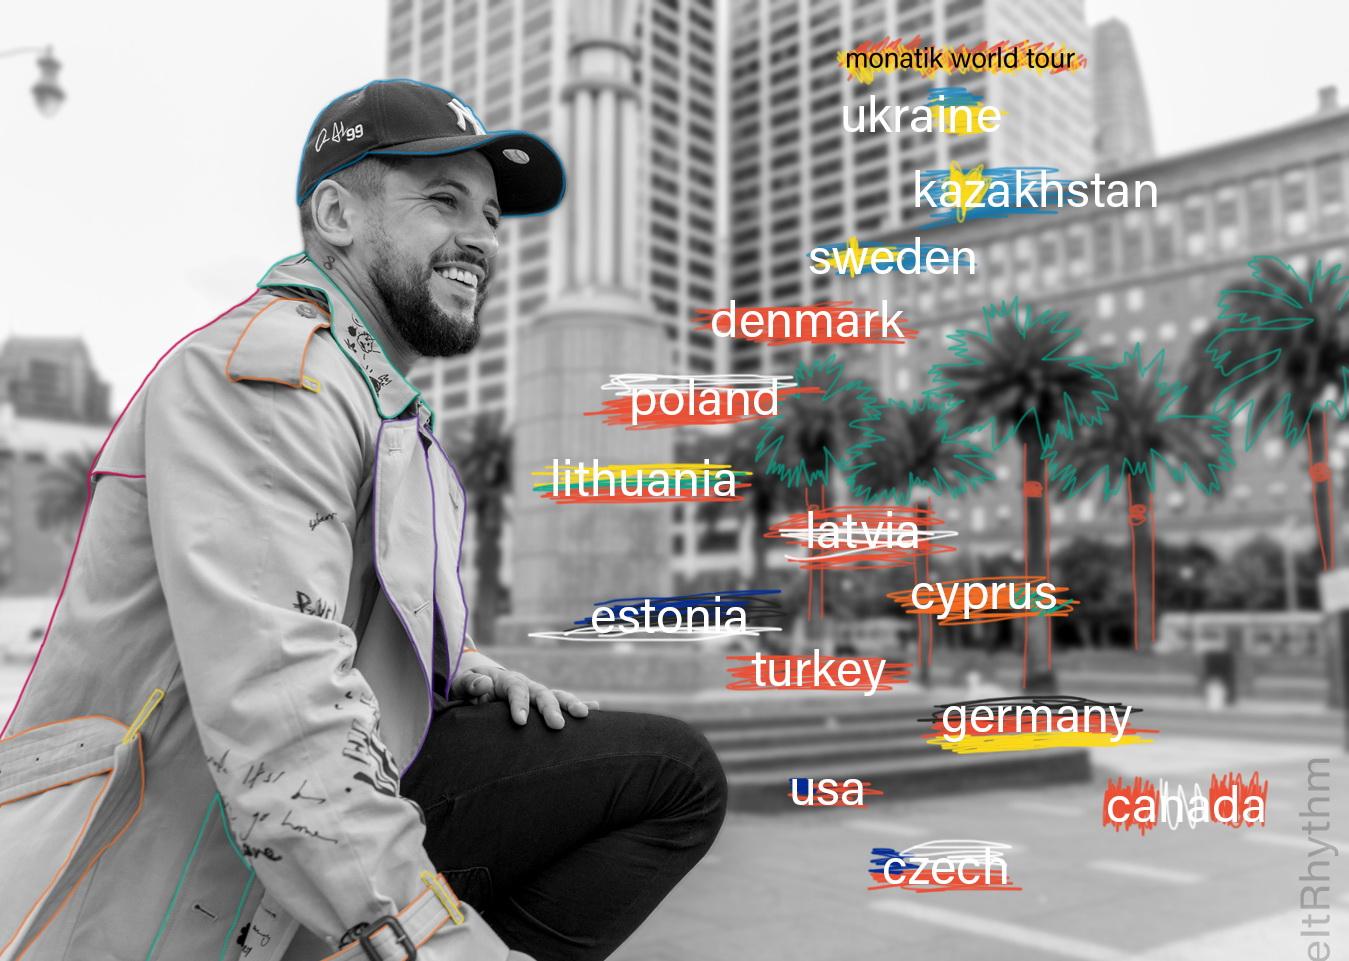 монатик мировой тур